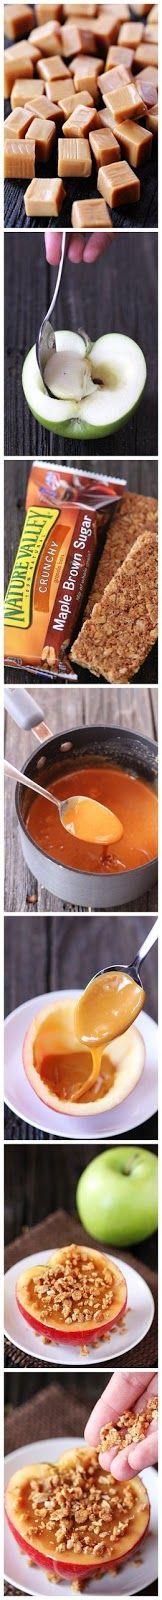 Ricette originali in una foto: mele al forno con caramello